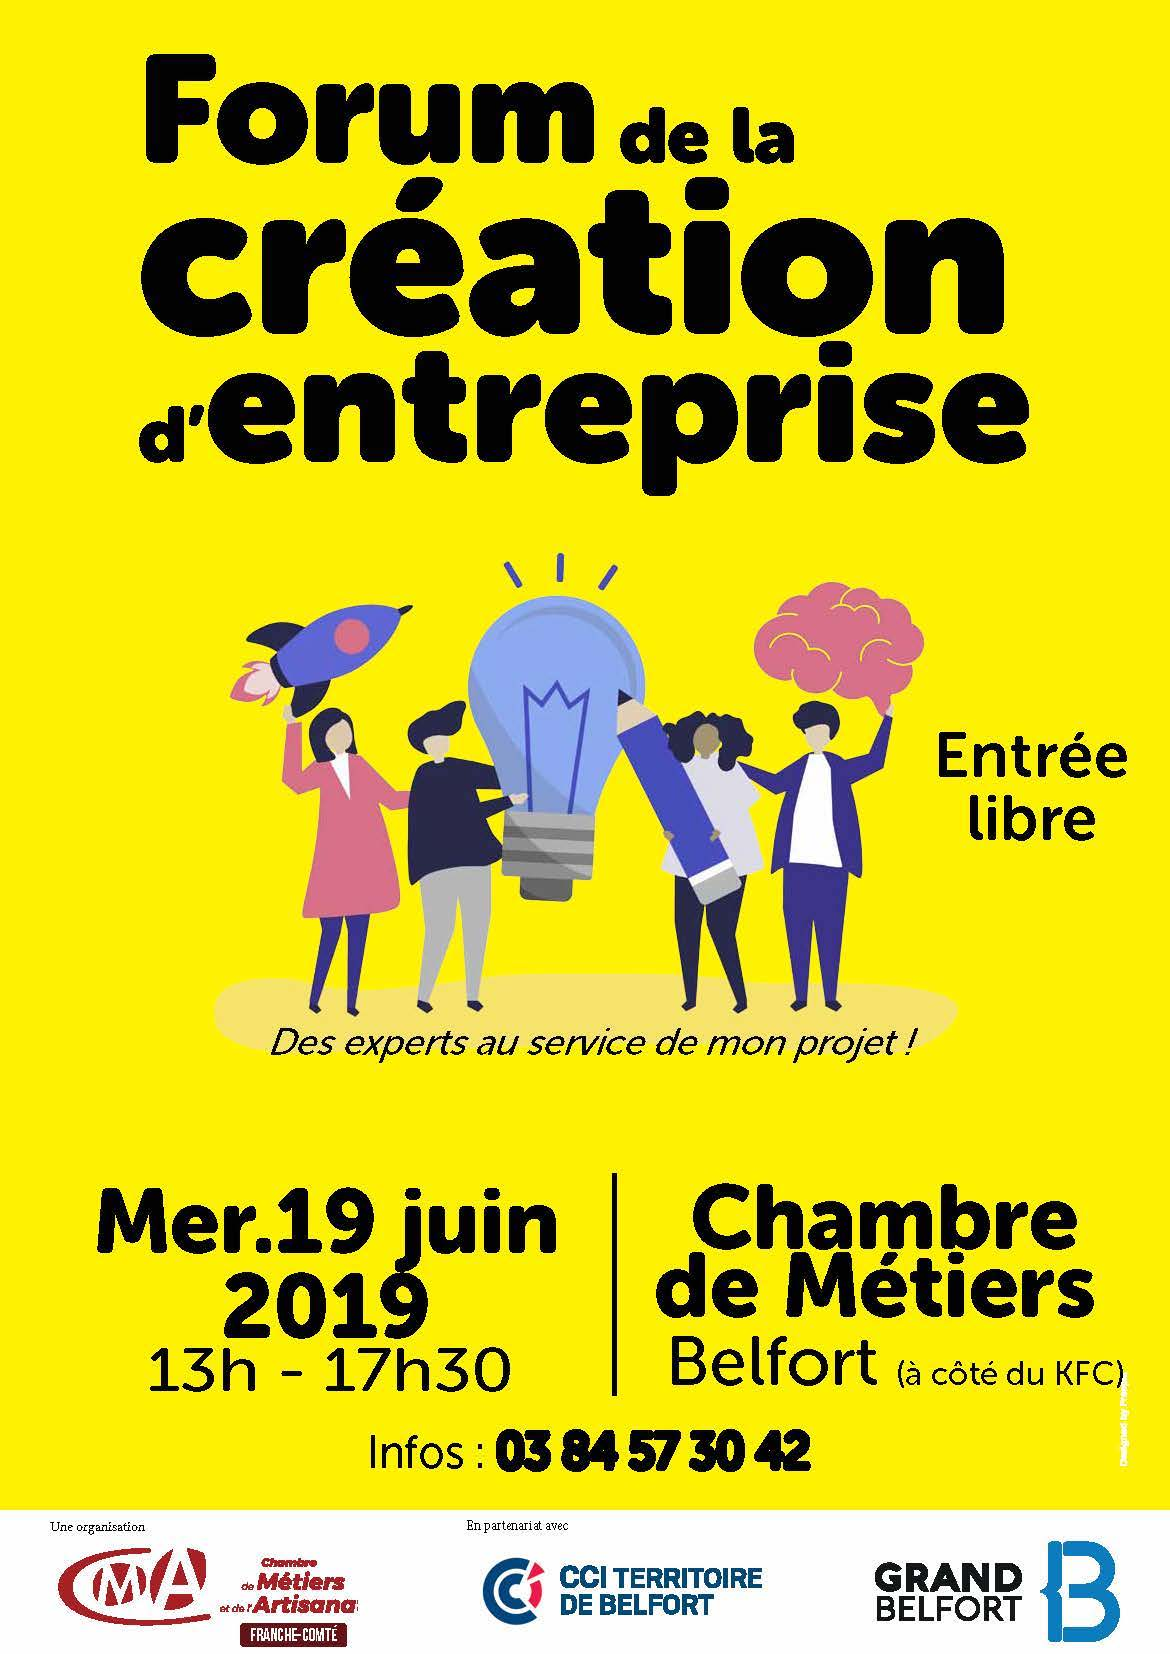 Forum de la création d'entreprise